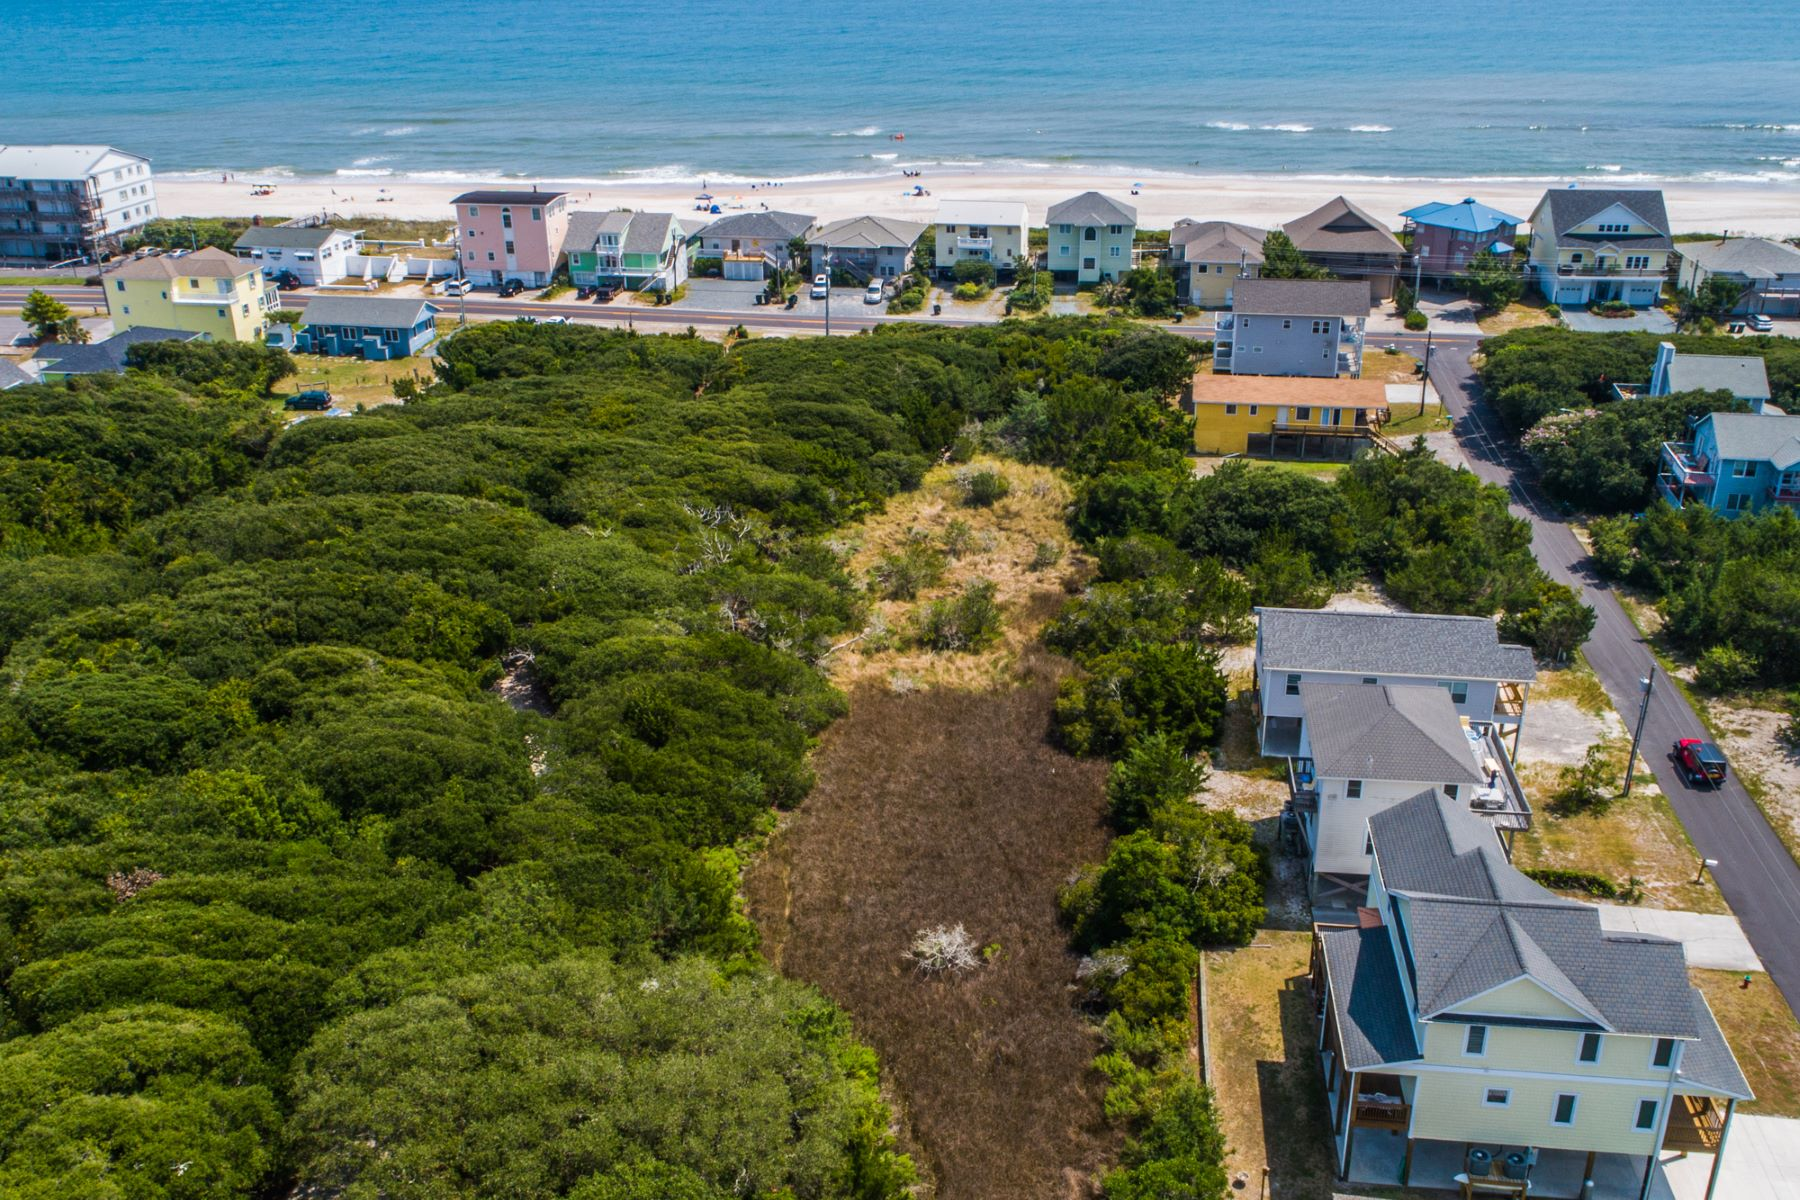 Οικόπεδο για την Πώληση στο Build Your Retreat on this Soundfront Property TBD N Anderson Blvd, Topsail Beach, Βορεια Καρολινα 28445 Ηνωμένες Πολιτείες